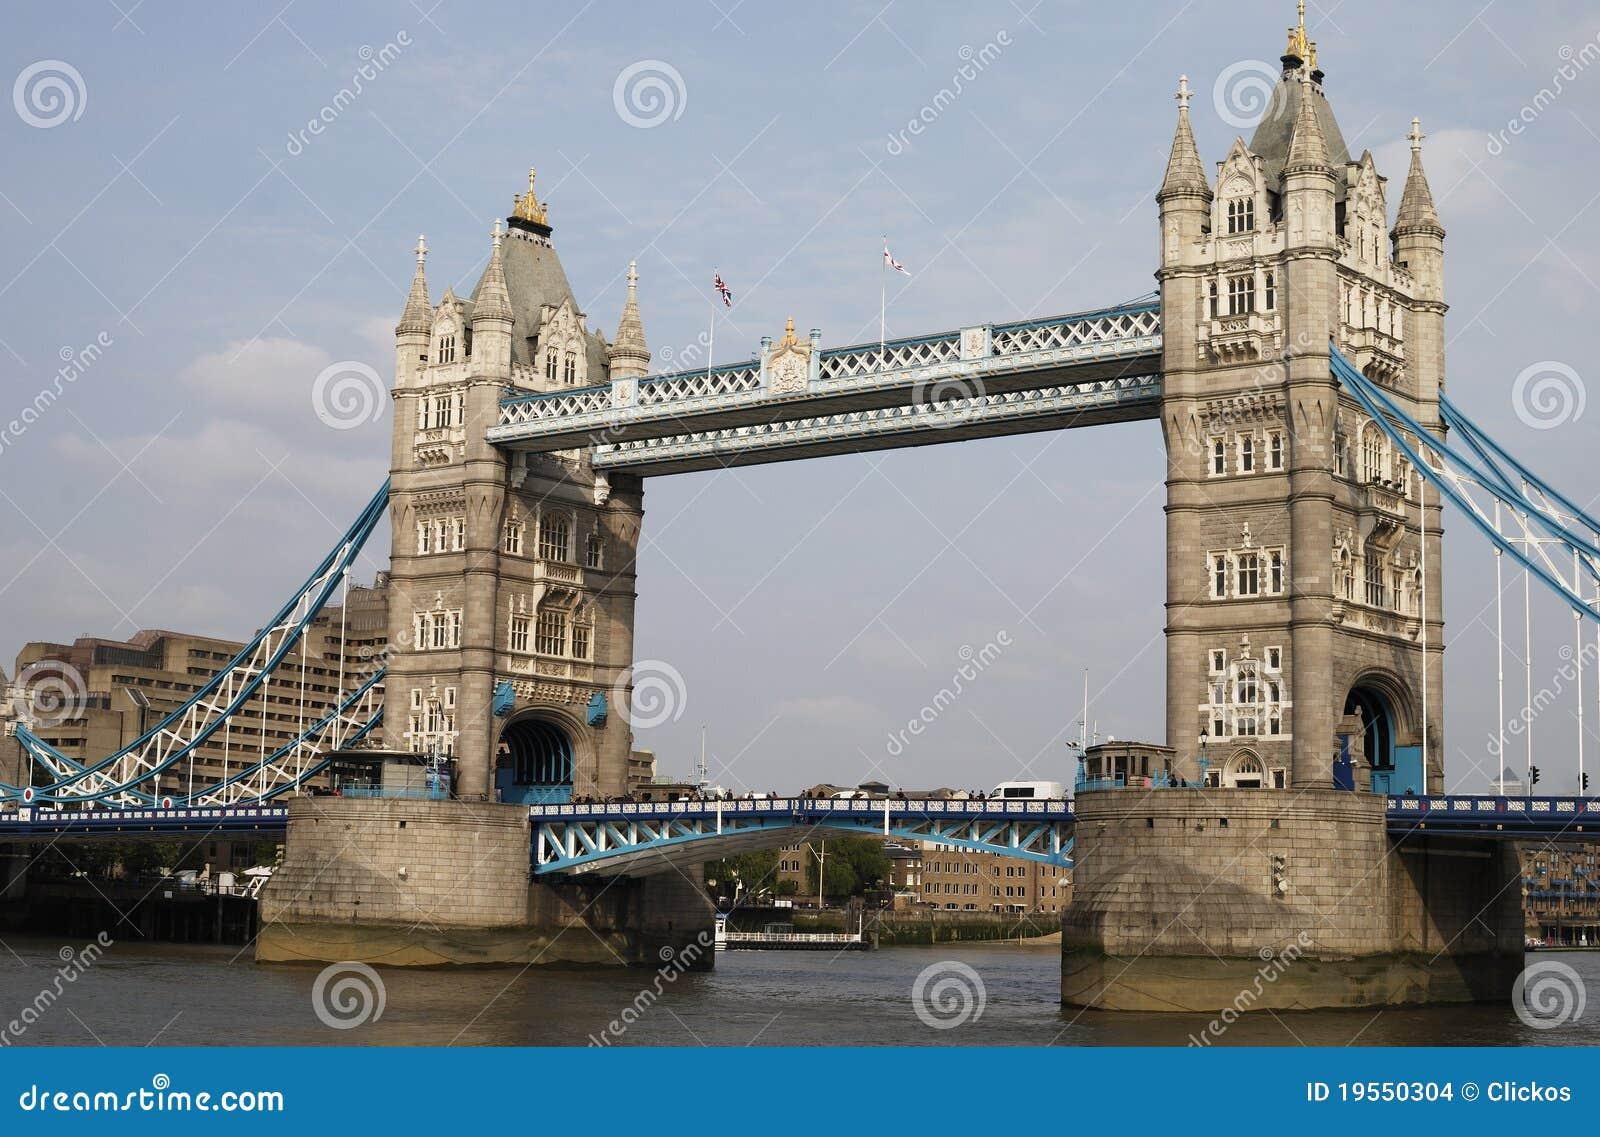 Kontrollturm-Brücke. London. England